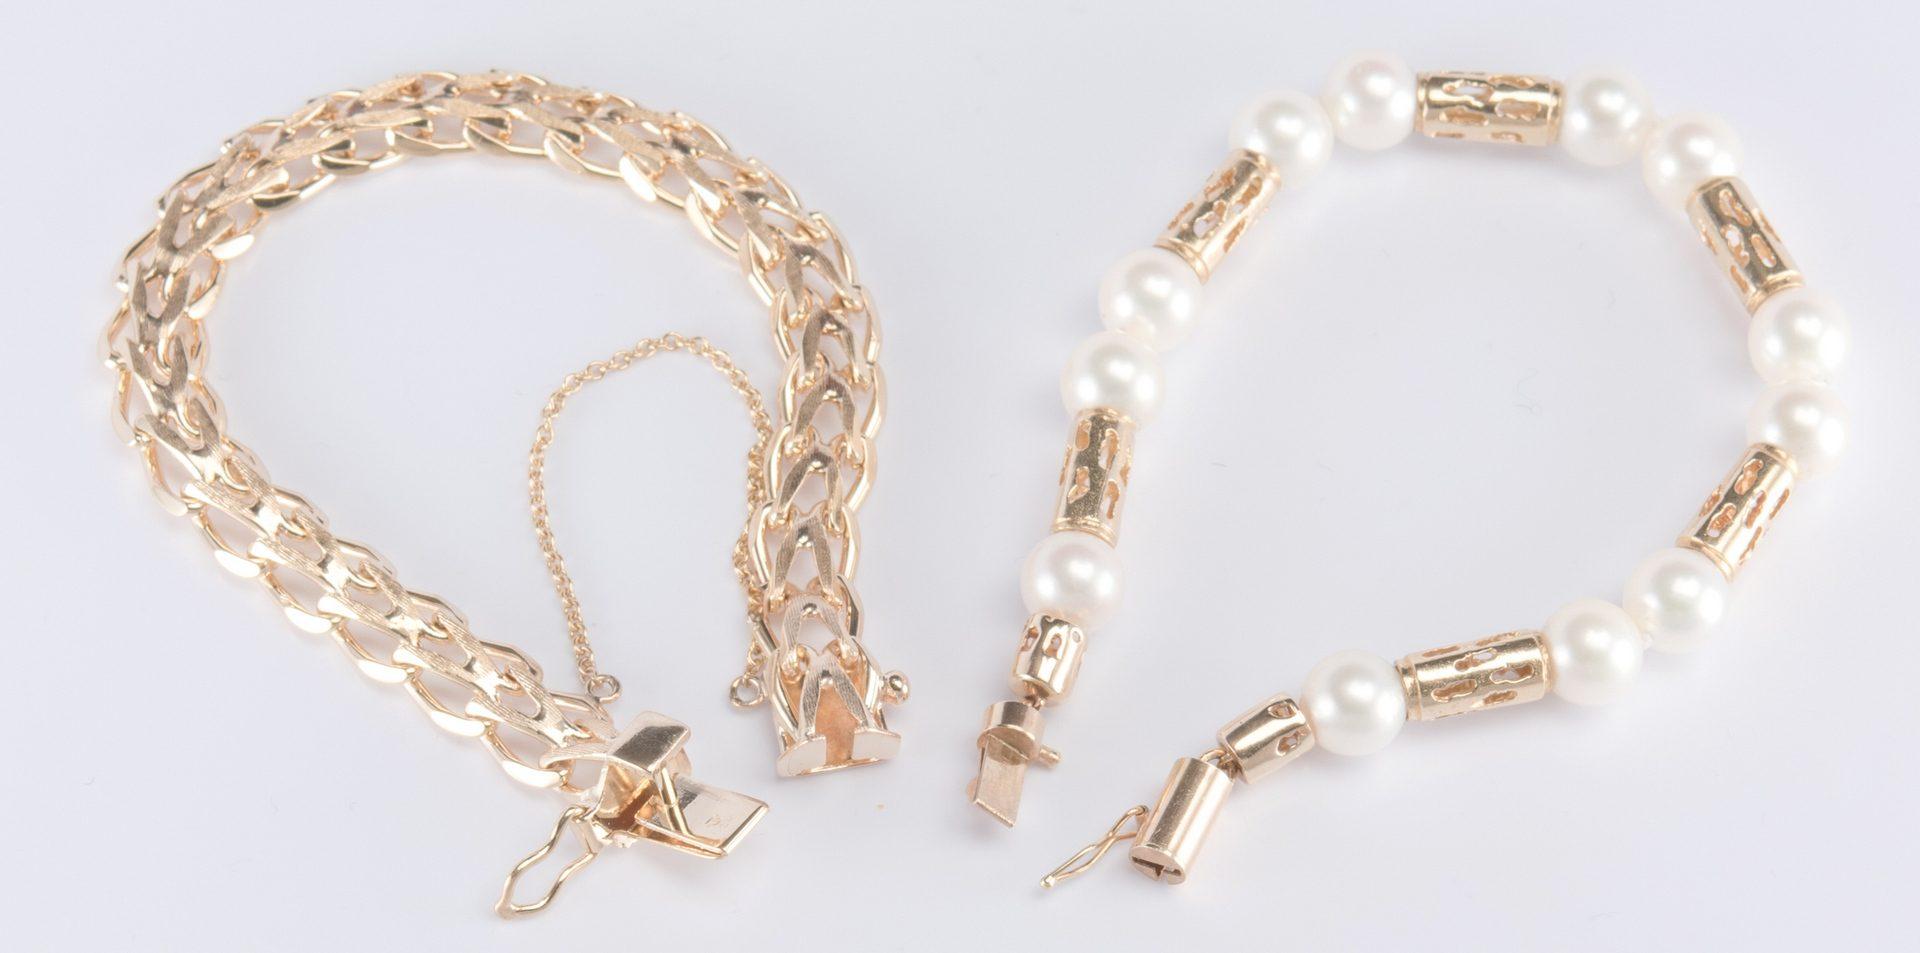 Lot 324: Two 14K Bracelets, 1 w/ pearls